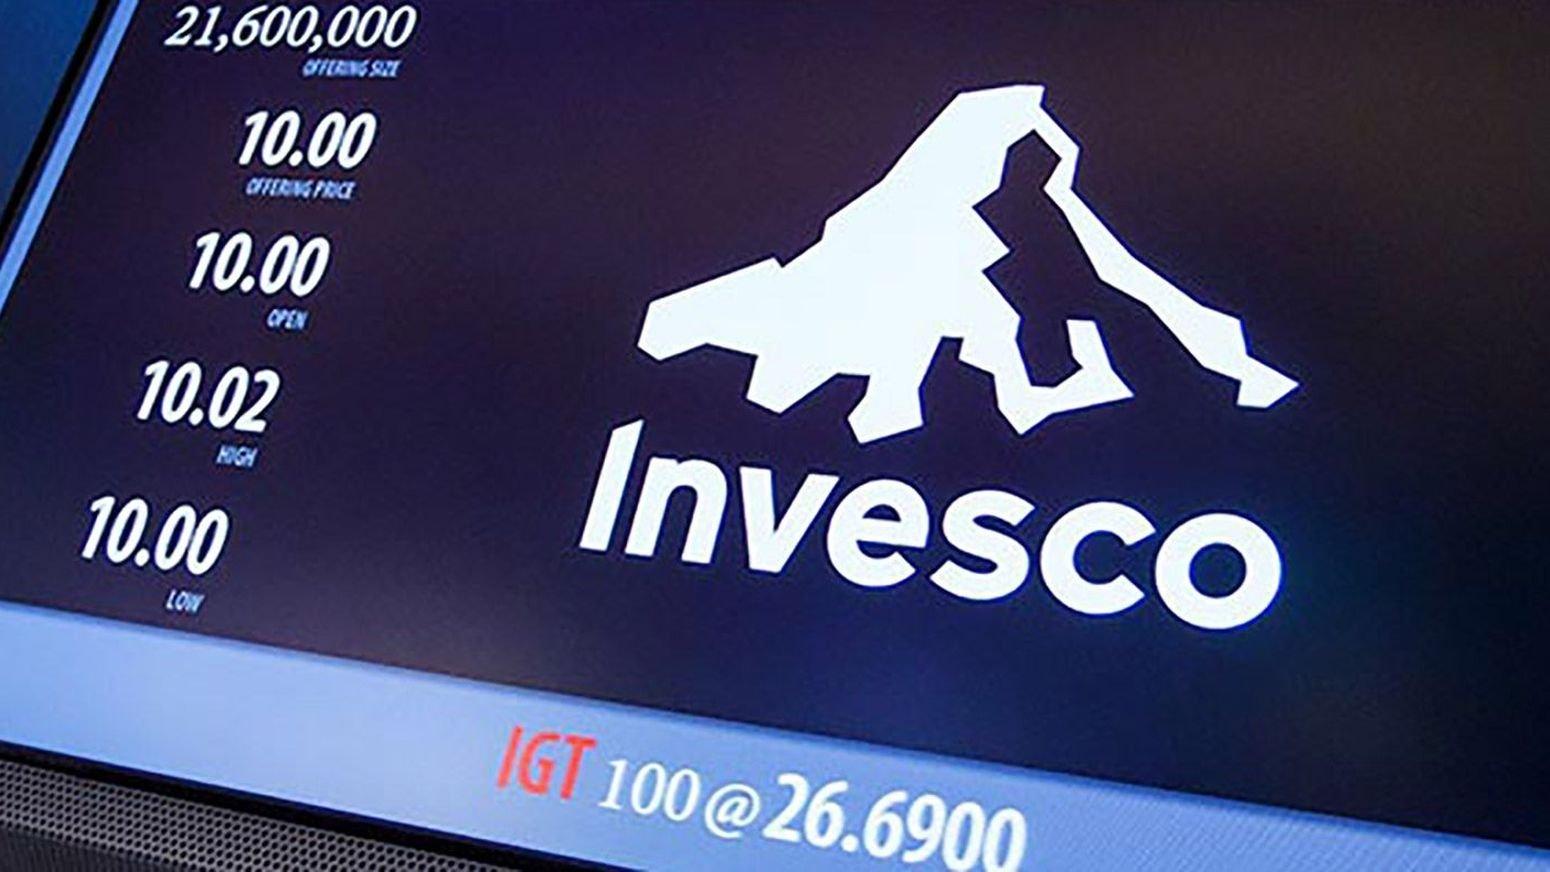 資管巨頭 Invesco 兩檔 ETF 上線!追蹤加密資產、區塊鏈主題股票